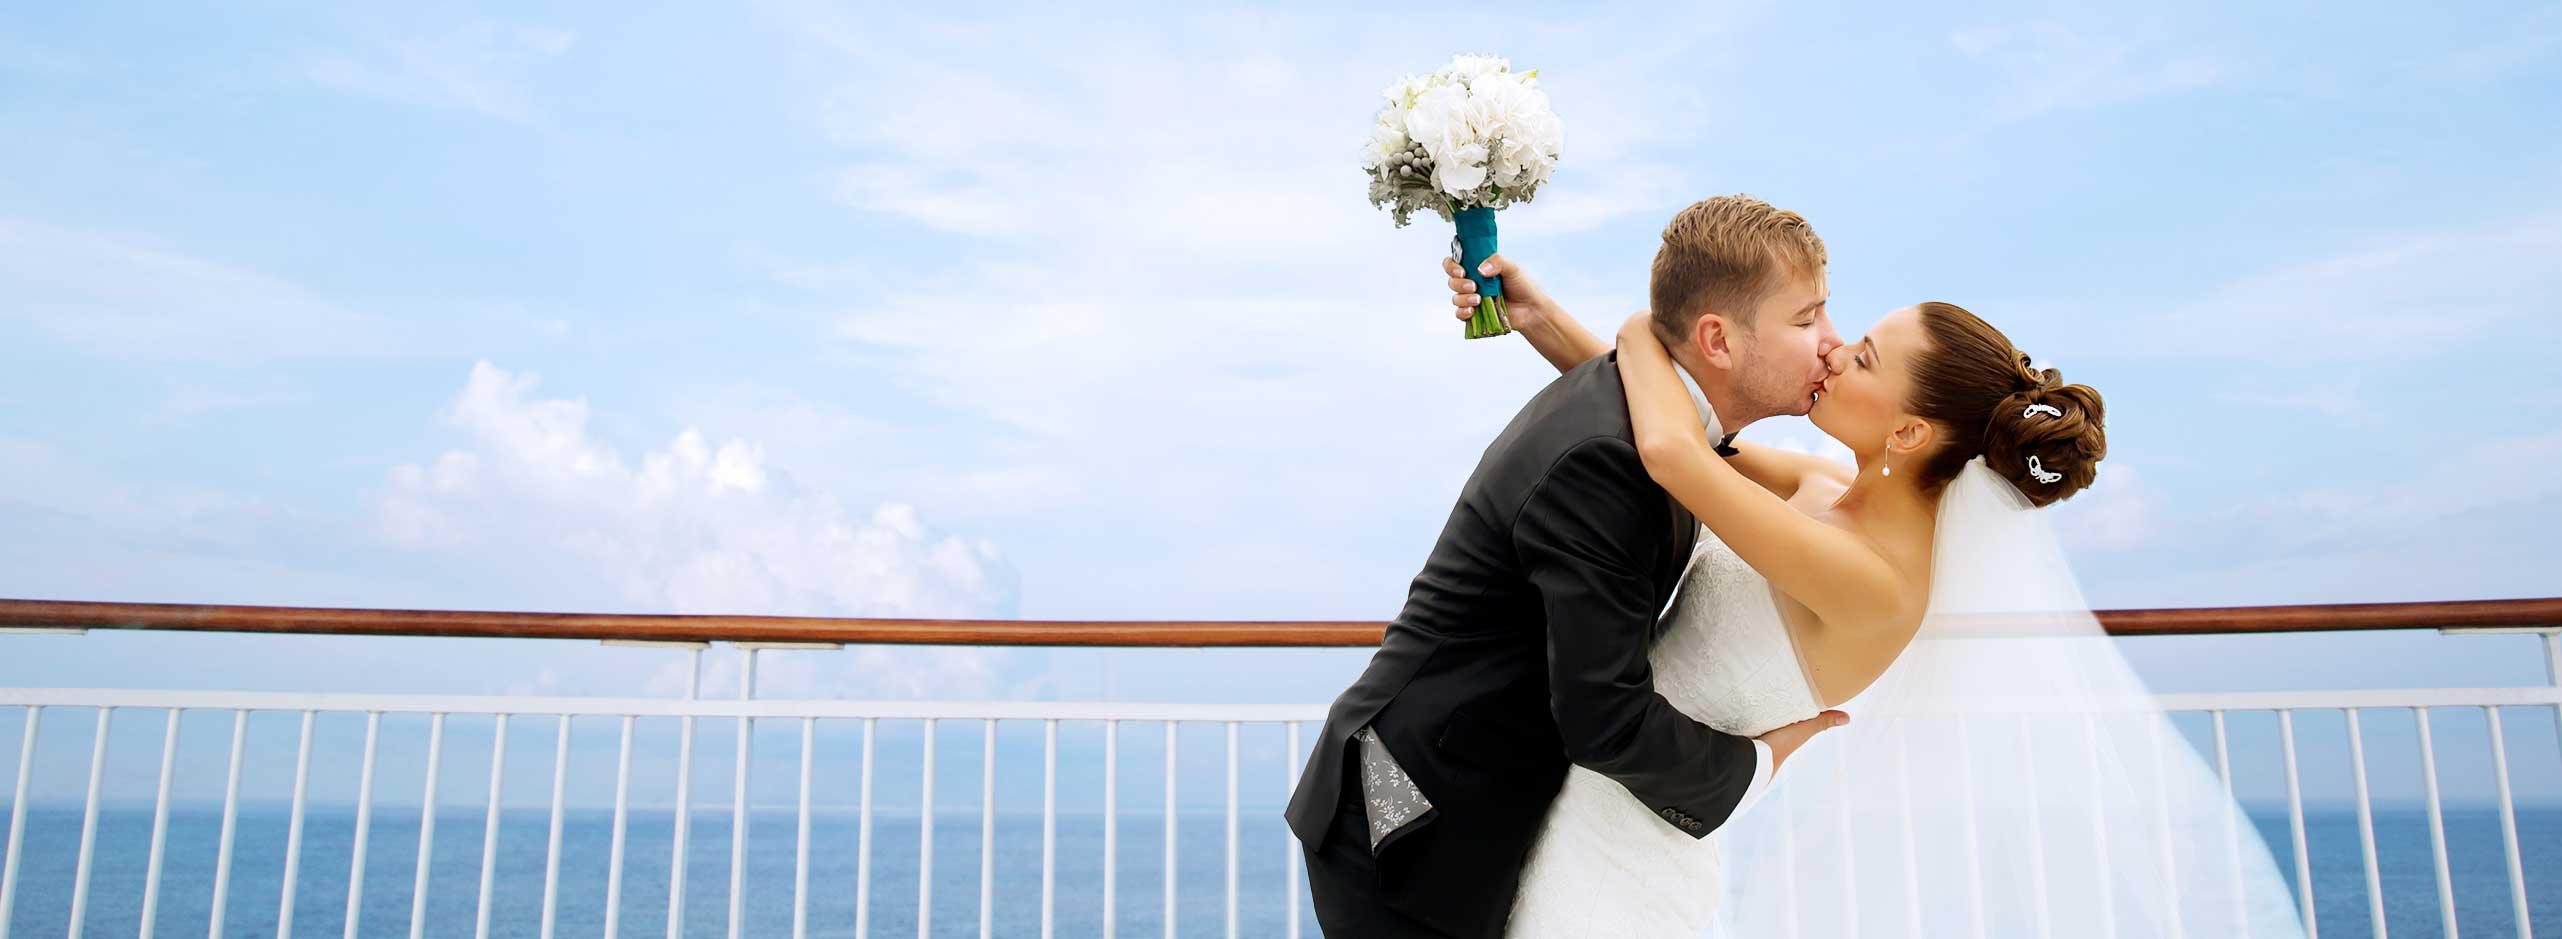 親愛的,讓我們在蔚藍大海的見證下,許下一生的承諾吧!